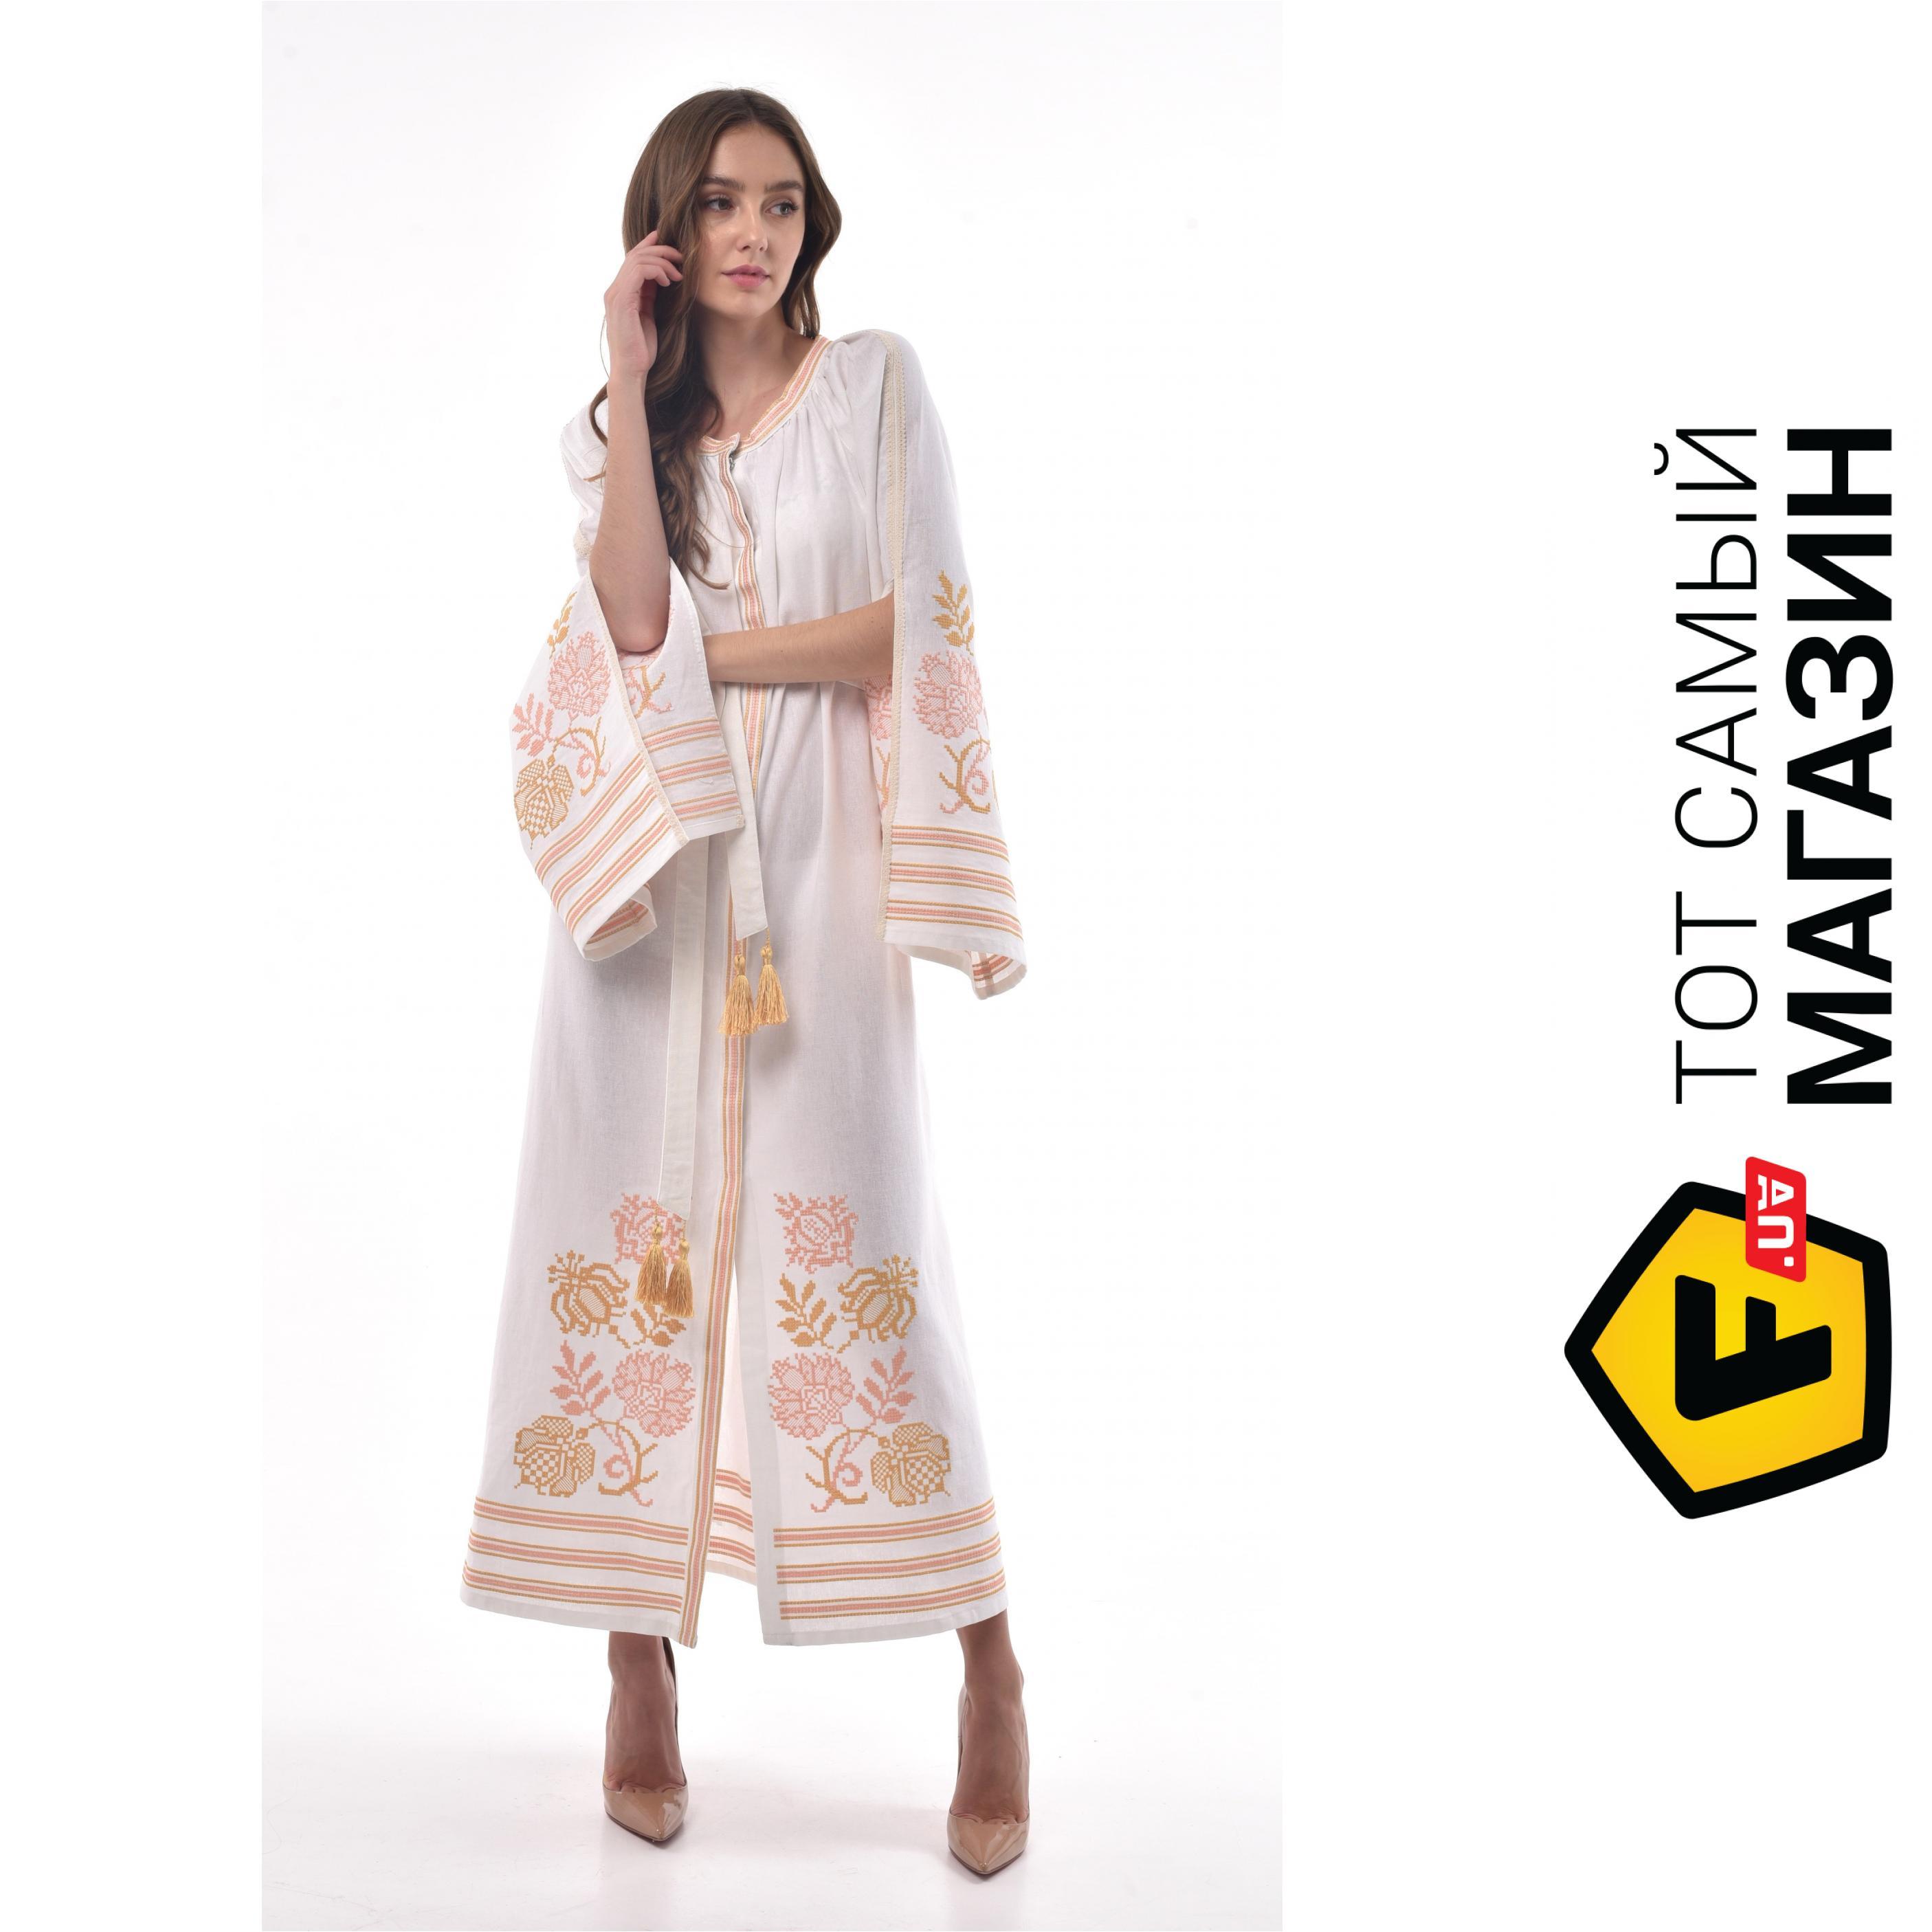 cd130ac7290c224 ᐈ Платье-вышиванка 2KOLYORY ``Княжна`` XS-S Белый ~ Купить? ЦЕНА ...